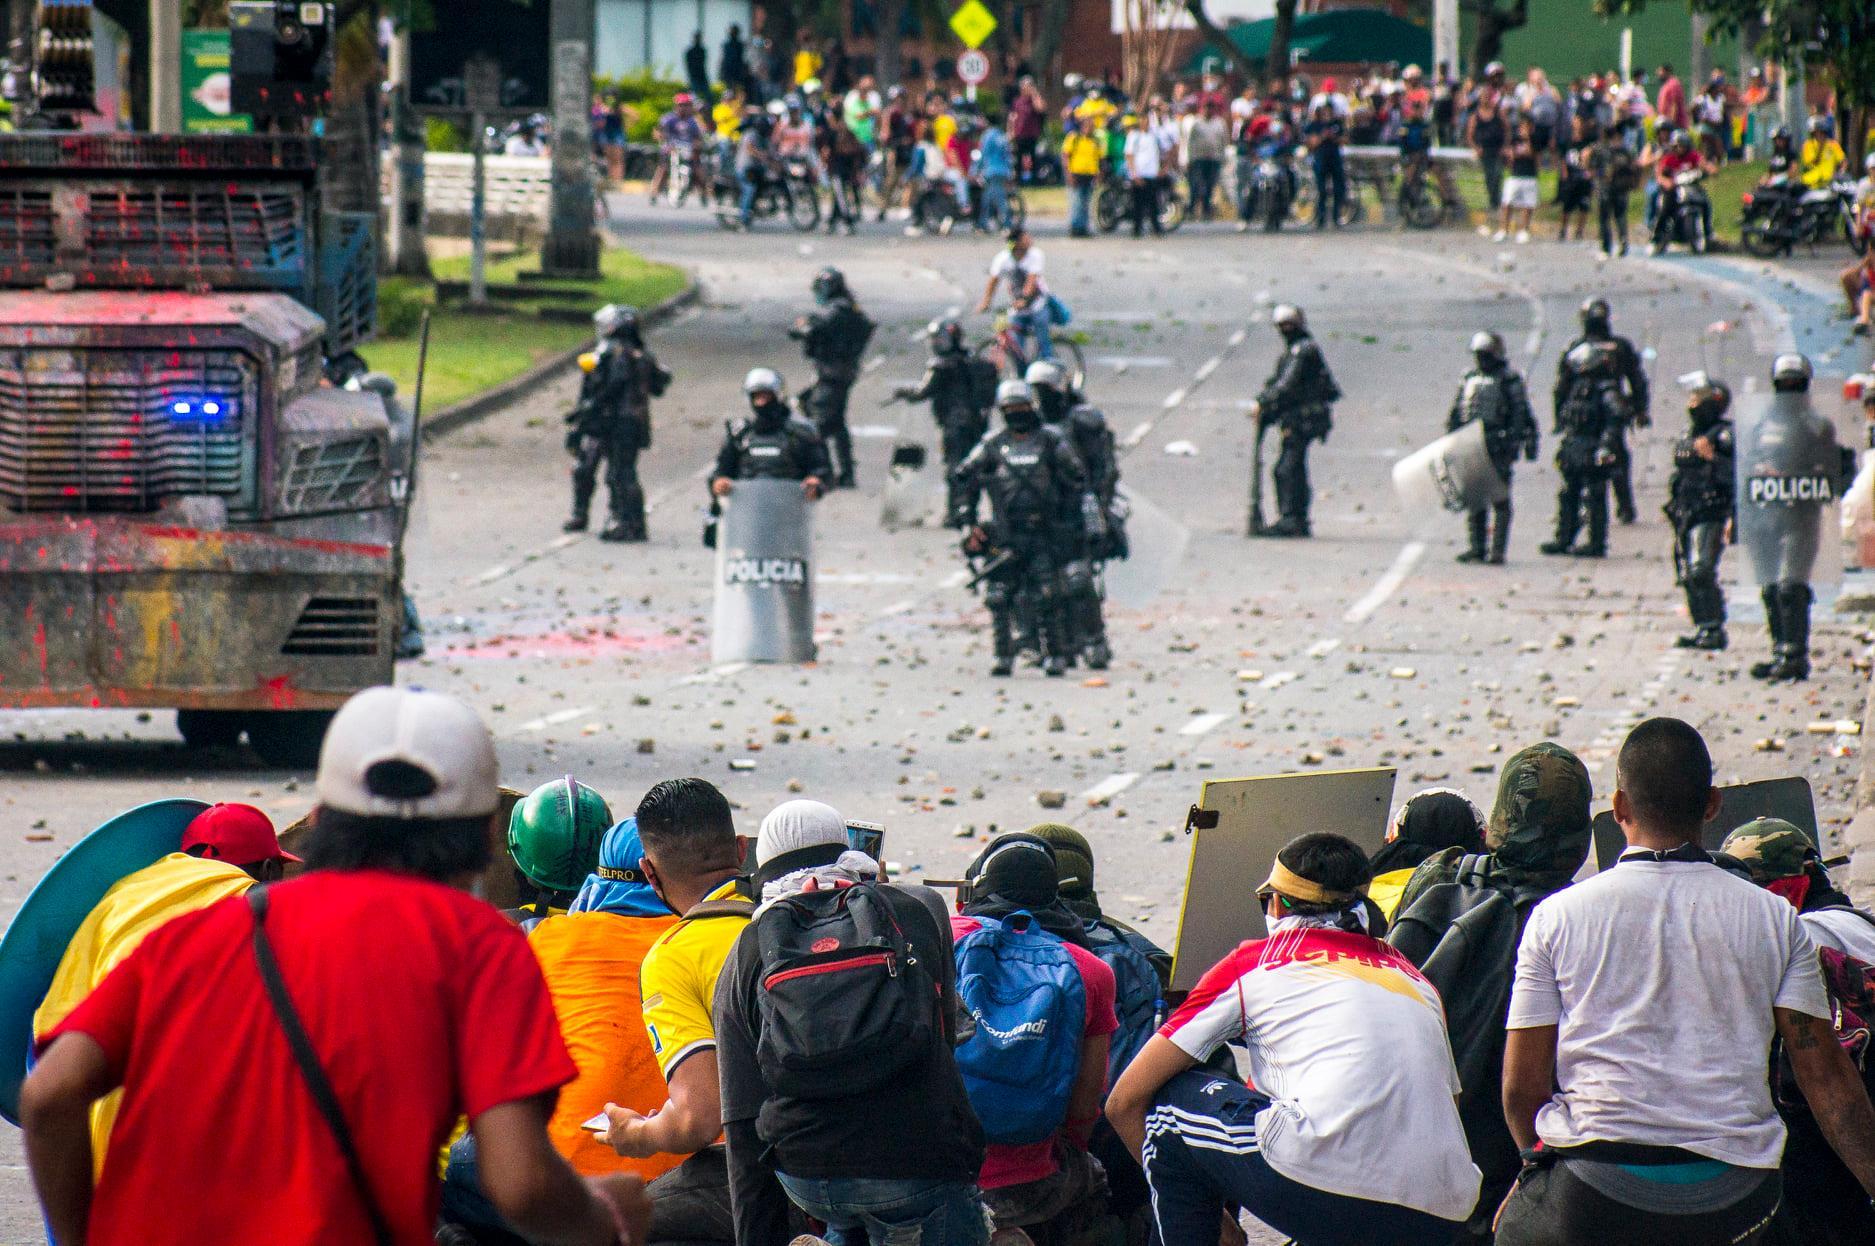 """Puede ser una imagen de una o varias personas, personas de pie, personas caminando, multitud, al aire libre y texto que dice """"POLICIA POL POLICIA"""""""